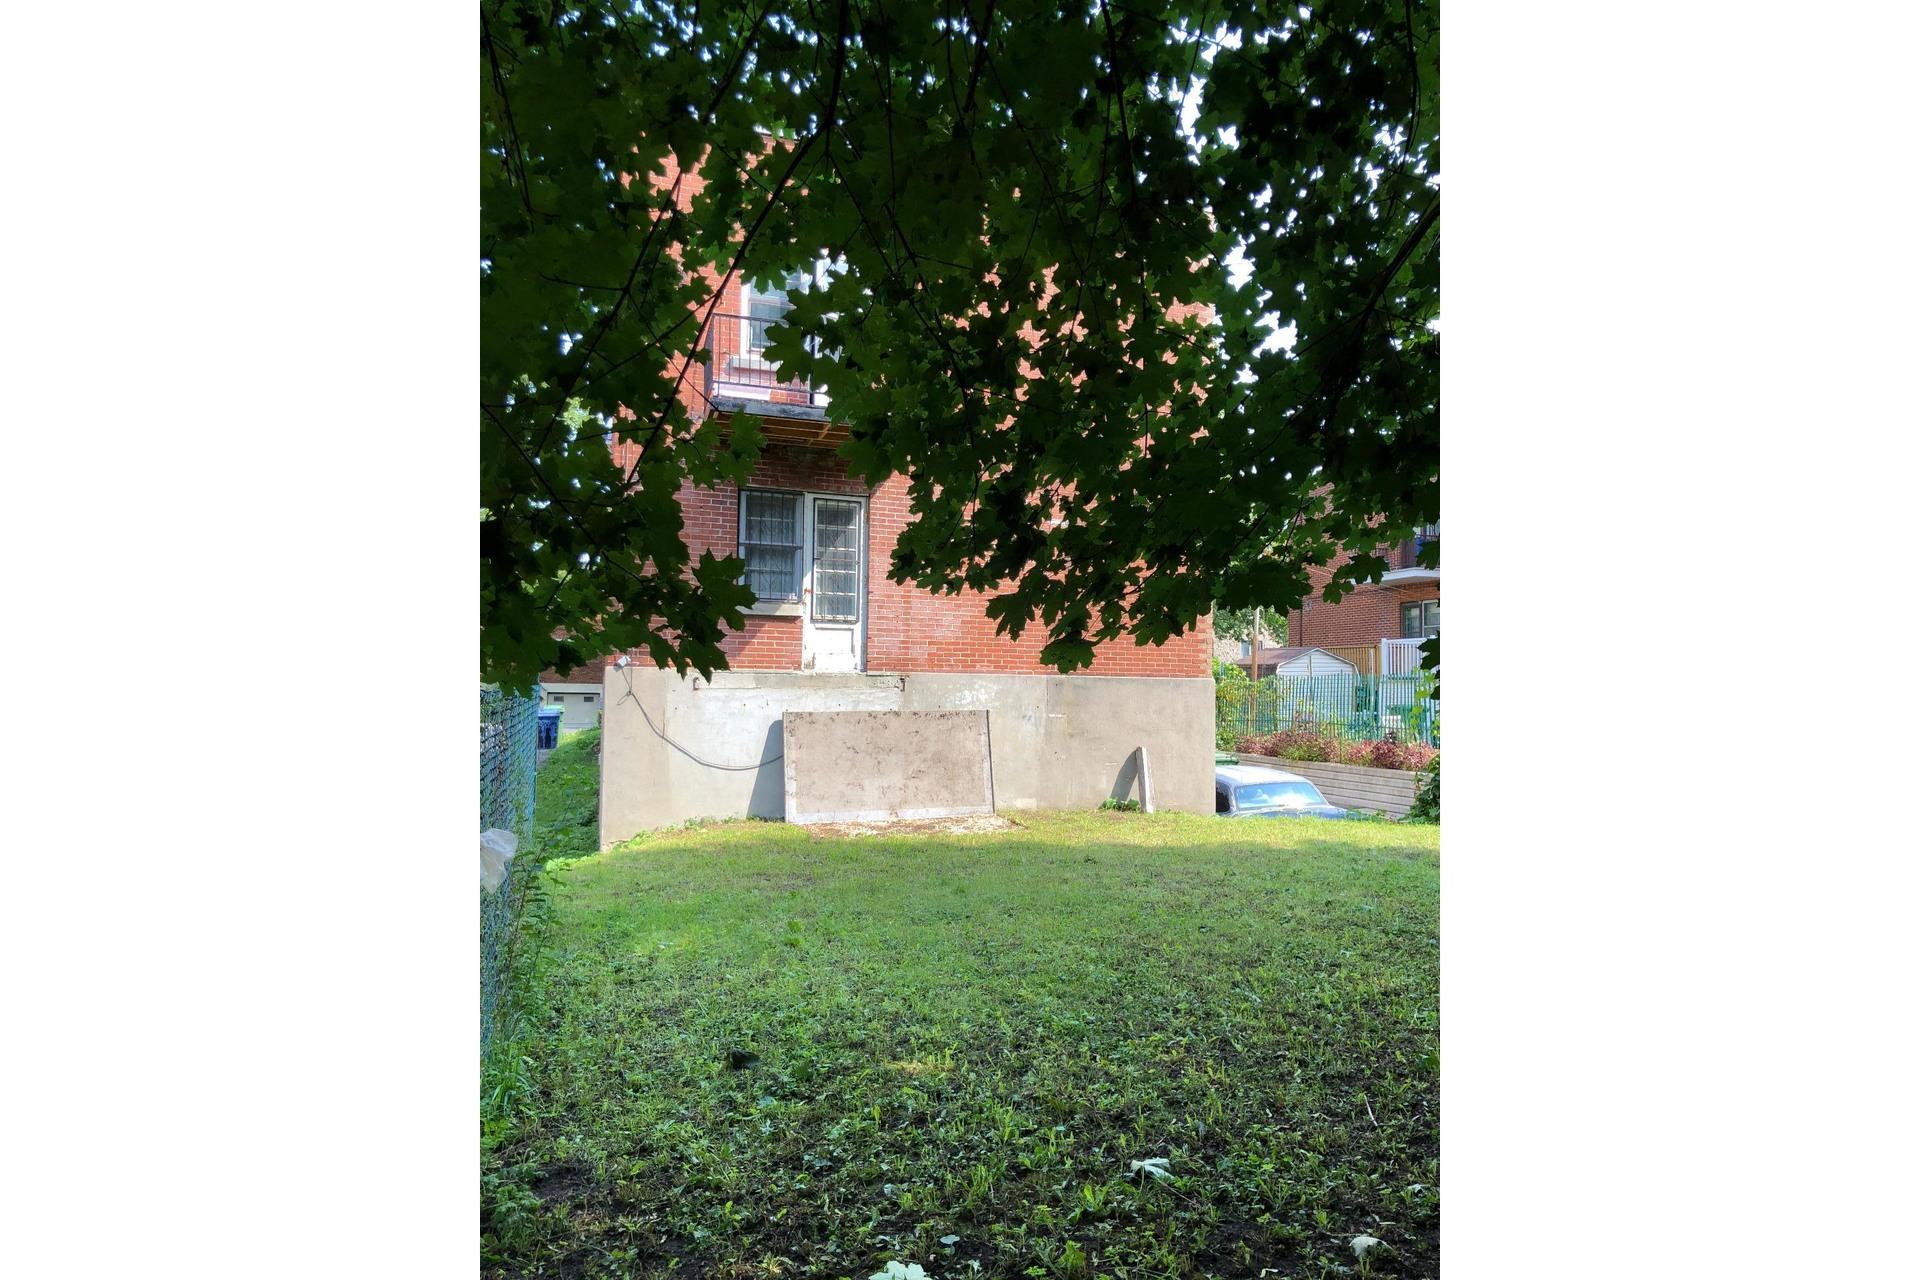 image 4 - Duplex À vendre Côte-des-Neiges/Notre-Dame-de-Grâce Montréal  - 5 pièces